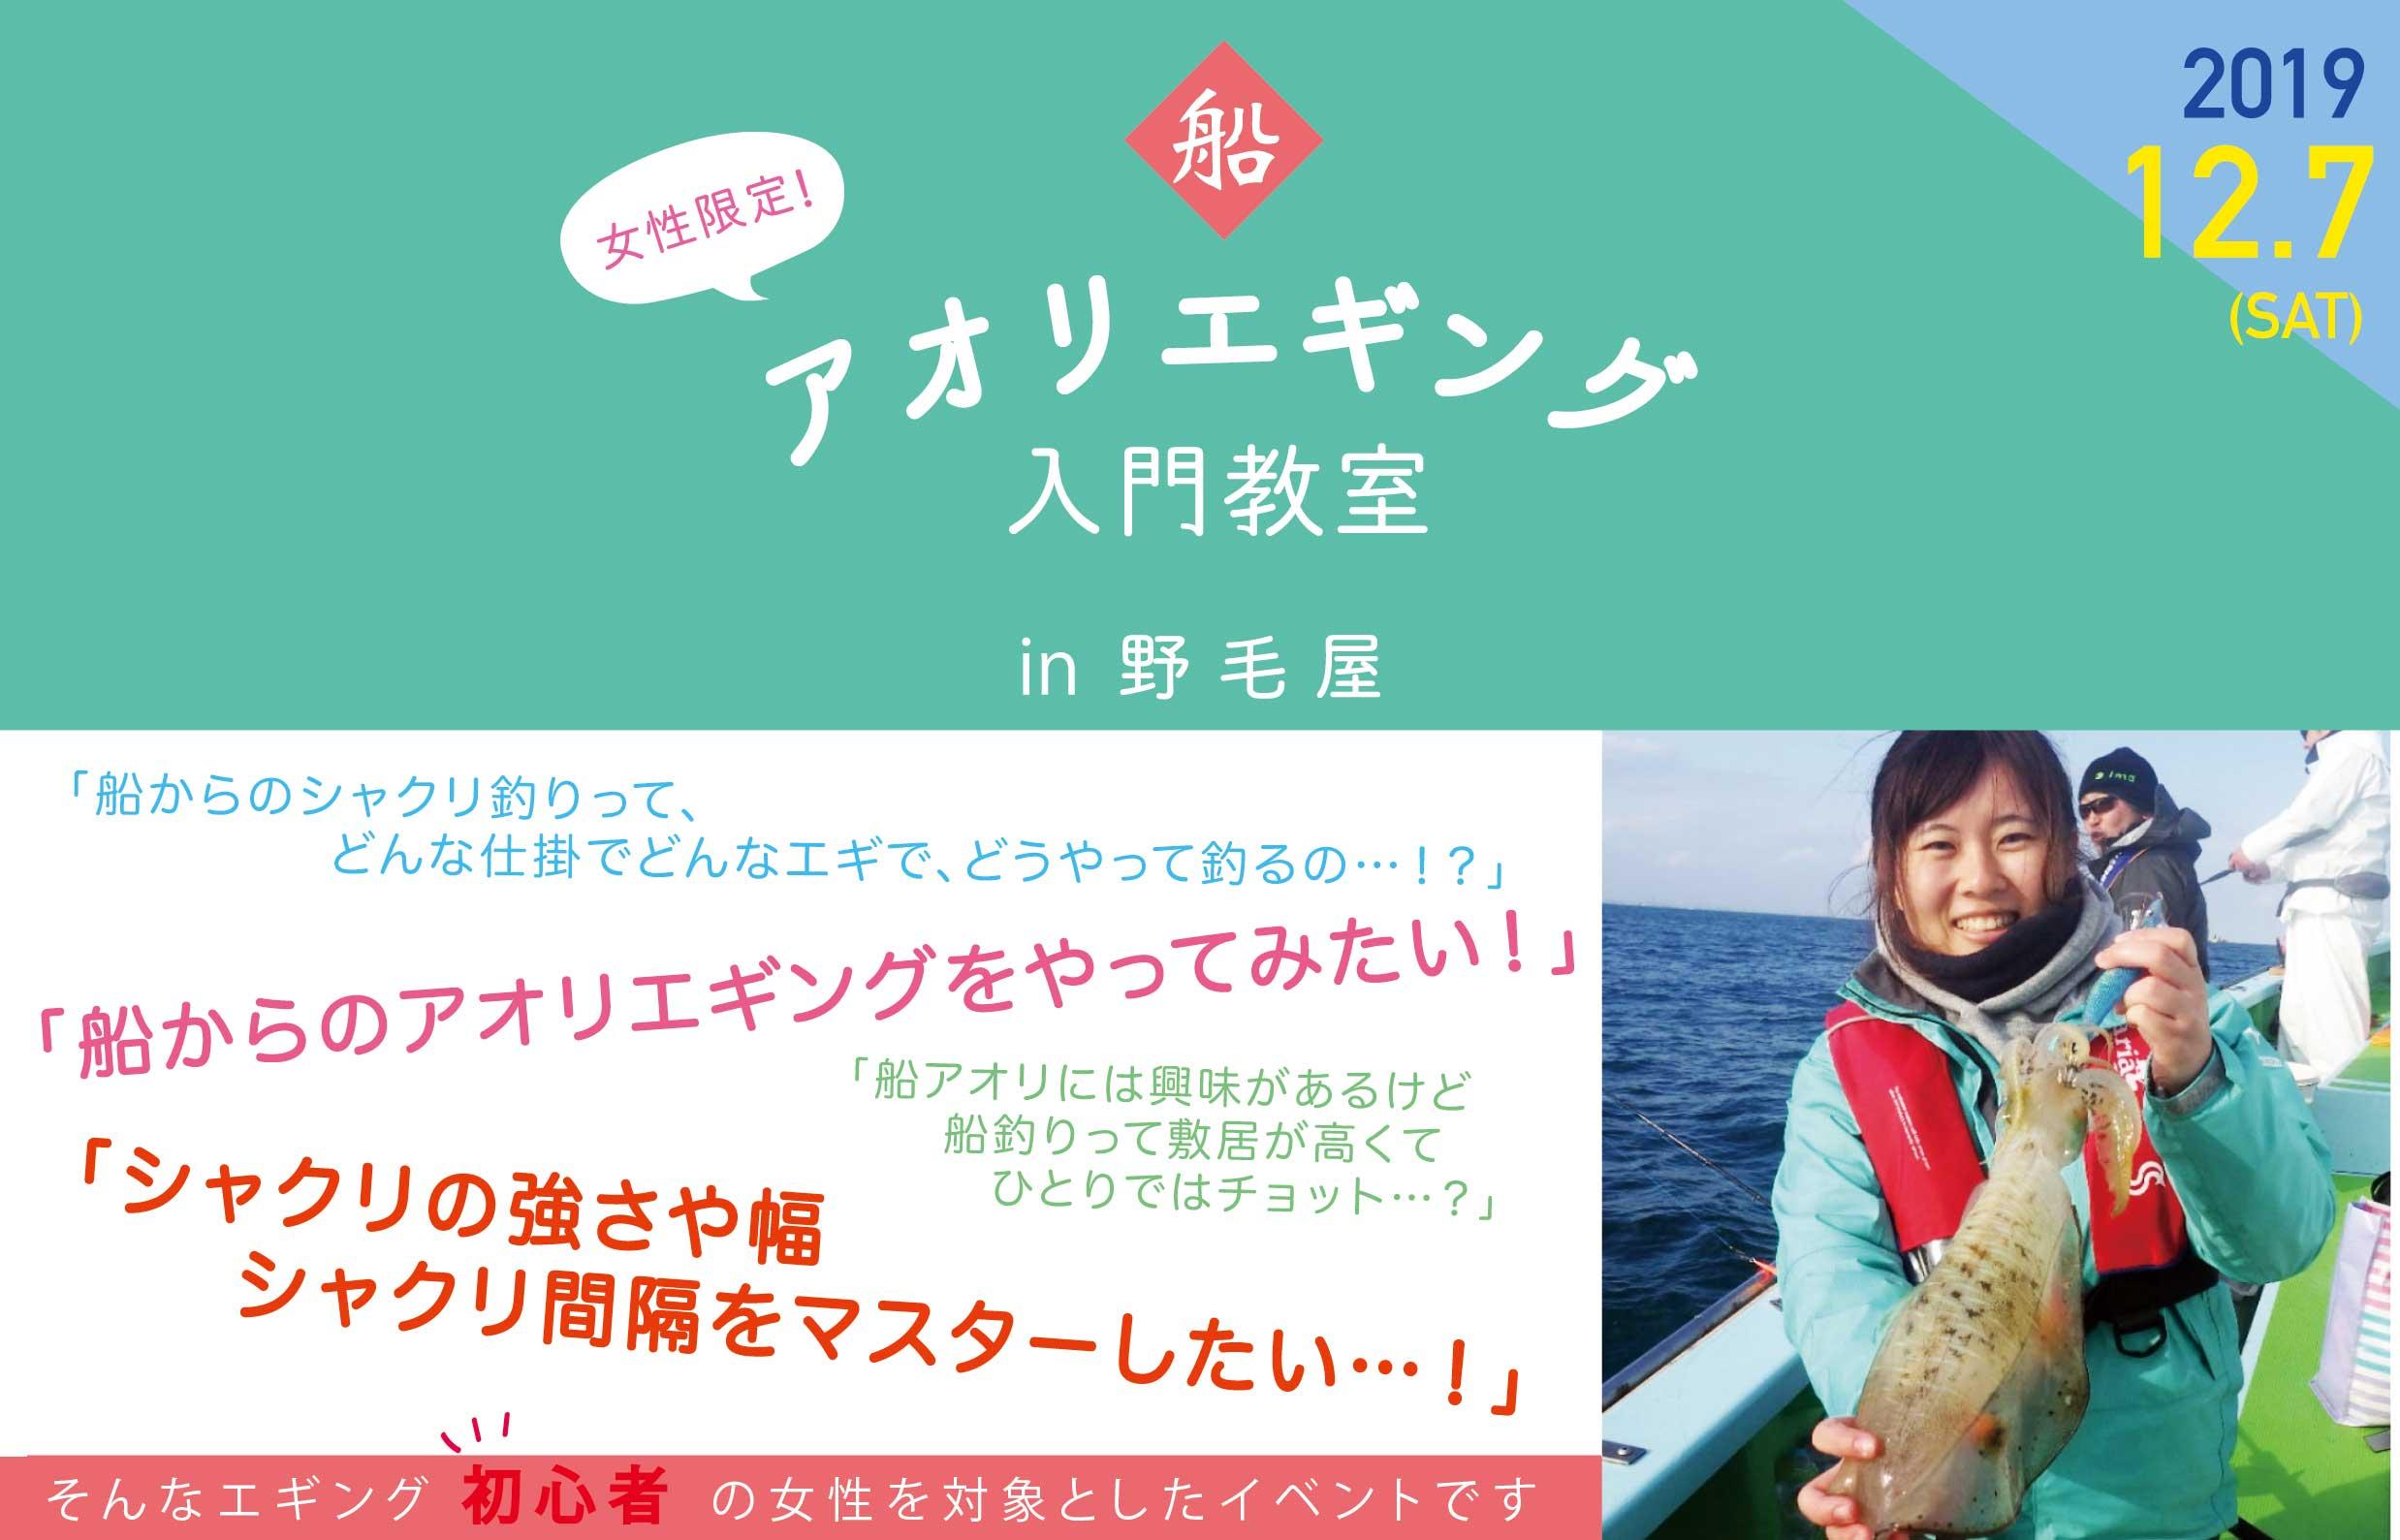 【開催中止】YAMASHITA & Shipsmast 女性のためのアオリエギング入門教室 in 野毛屋